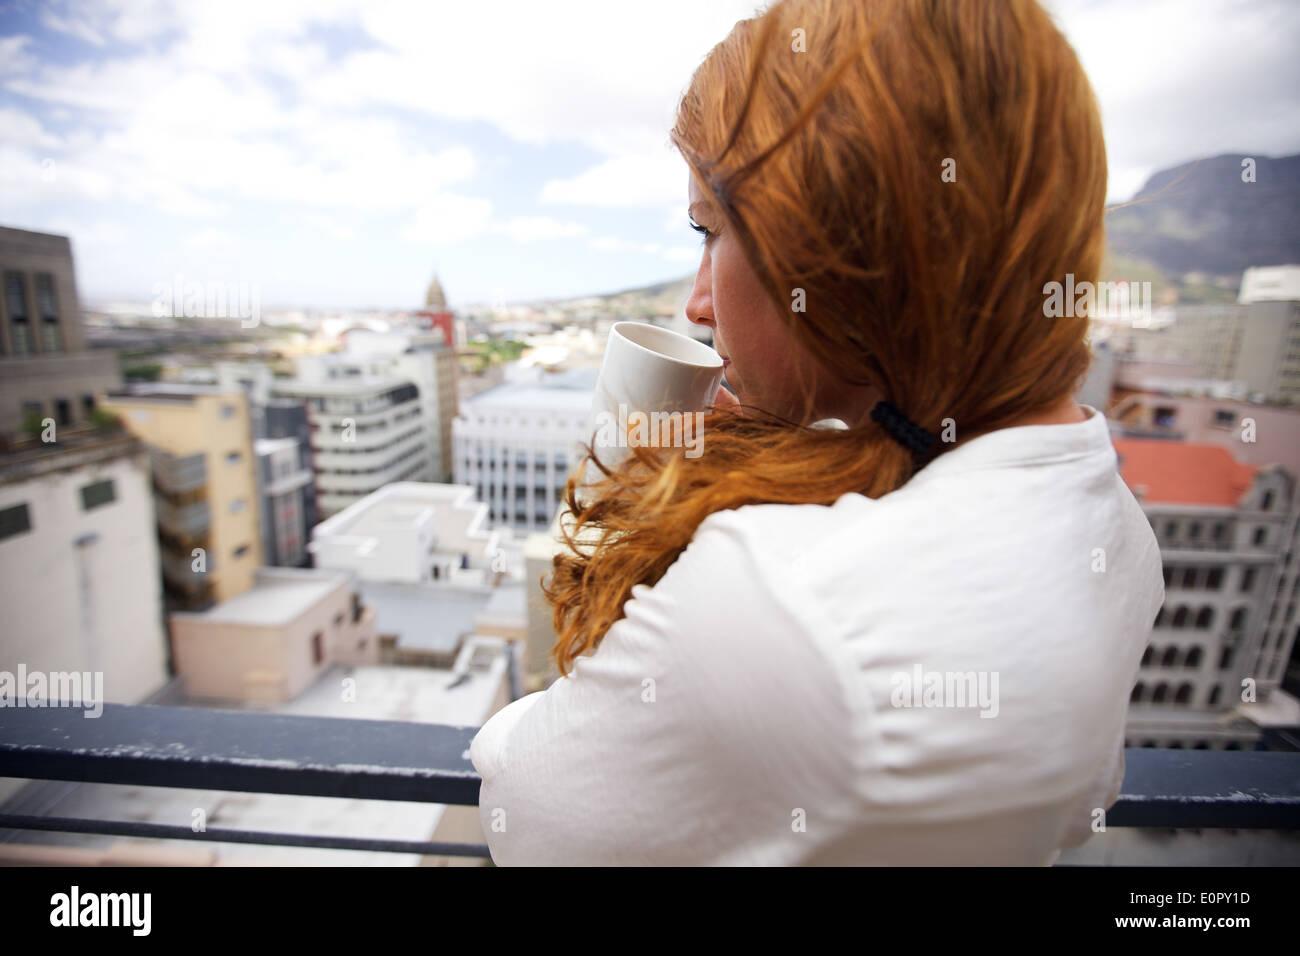 Attraktive Brünette steht auf einem Balkon mit einer Tasse Kaffee. Junge Frau mit Blick vom Balkon beim Kaffeetrinken. Stockbild